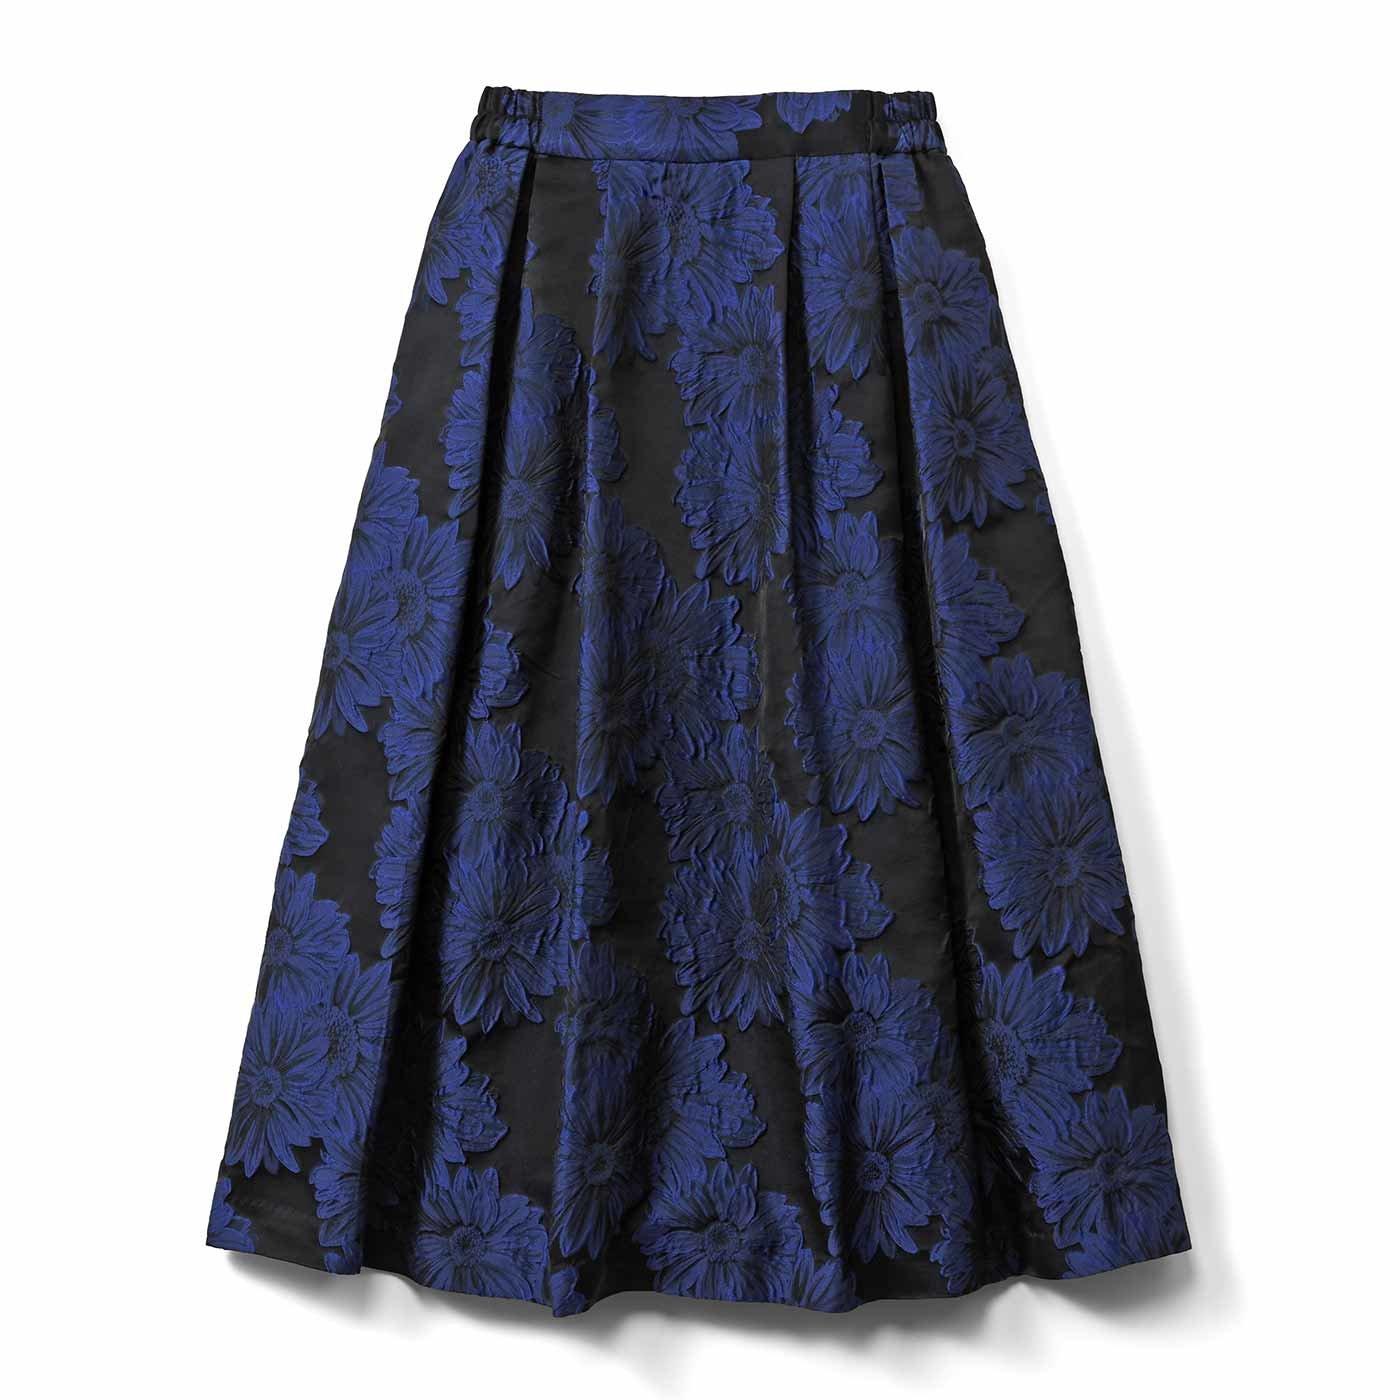 【3~10日でお届け】IEDIT[イディット] あったかインナーパンツ付き 華やぎジャカードスカート〈ブルー〉